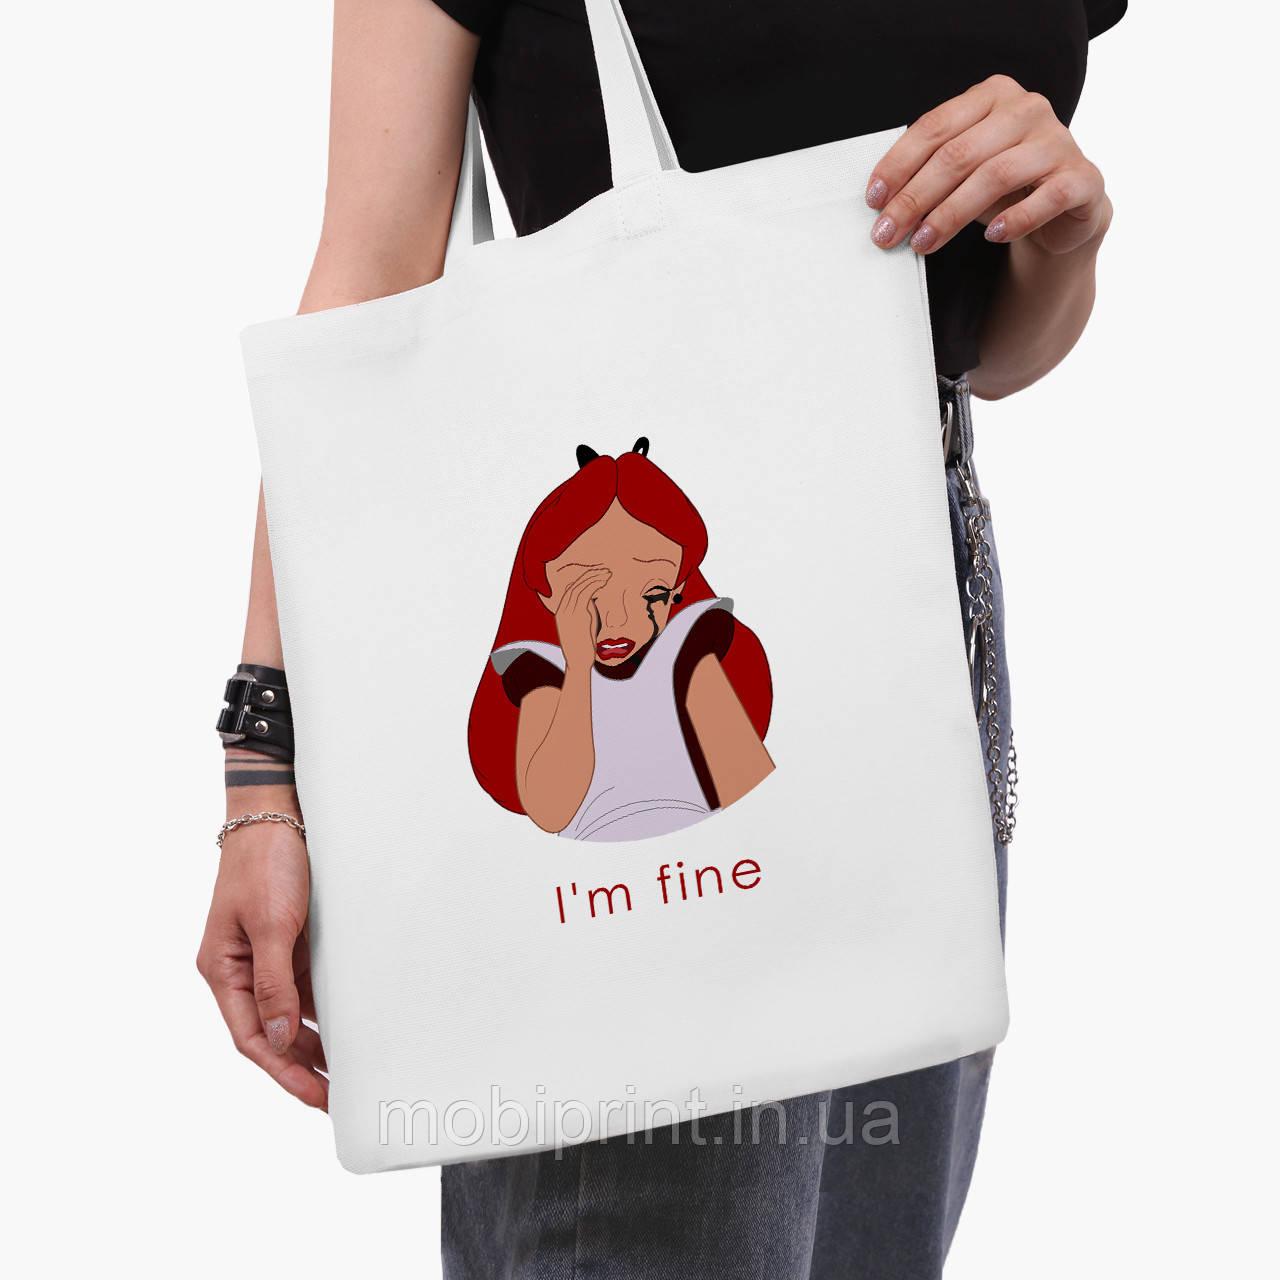 """Еко сумка шоппер біла Аліса я в порядку """"Дісней"""" (Alice i'm fine """"Disney"""") (9227-1440-3) 41*35 см"""